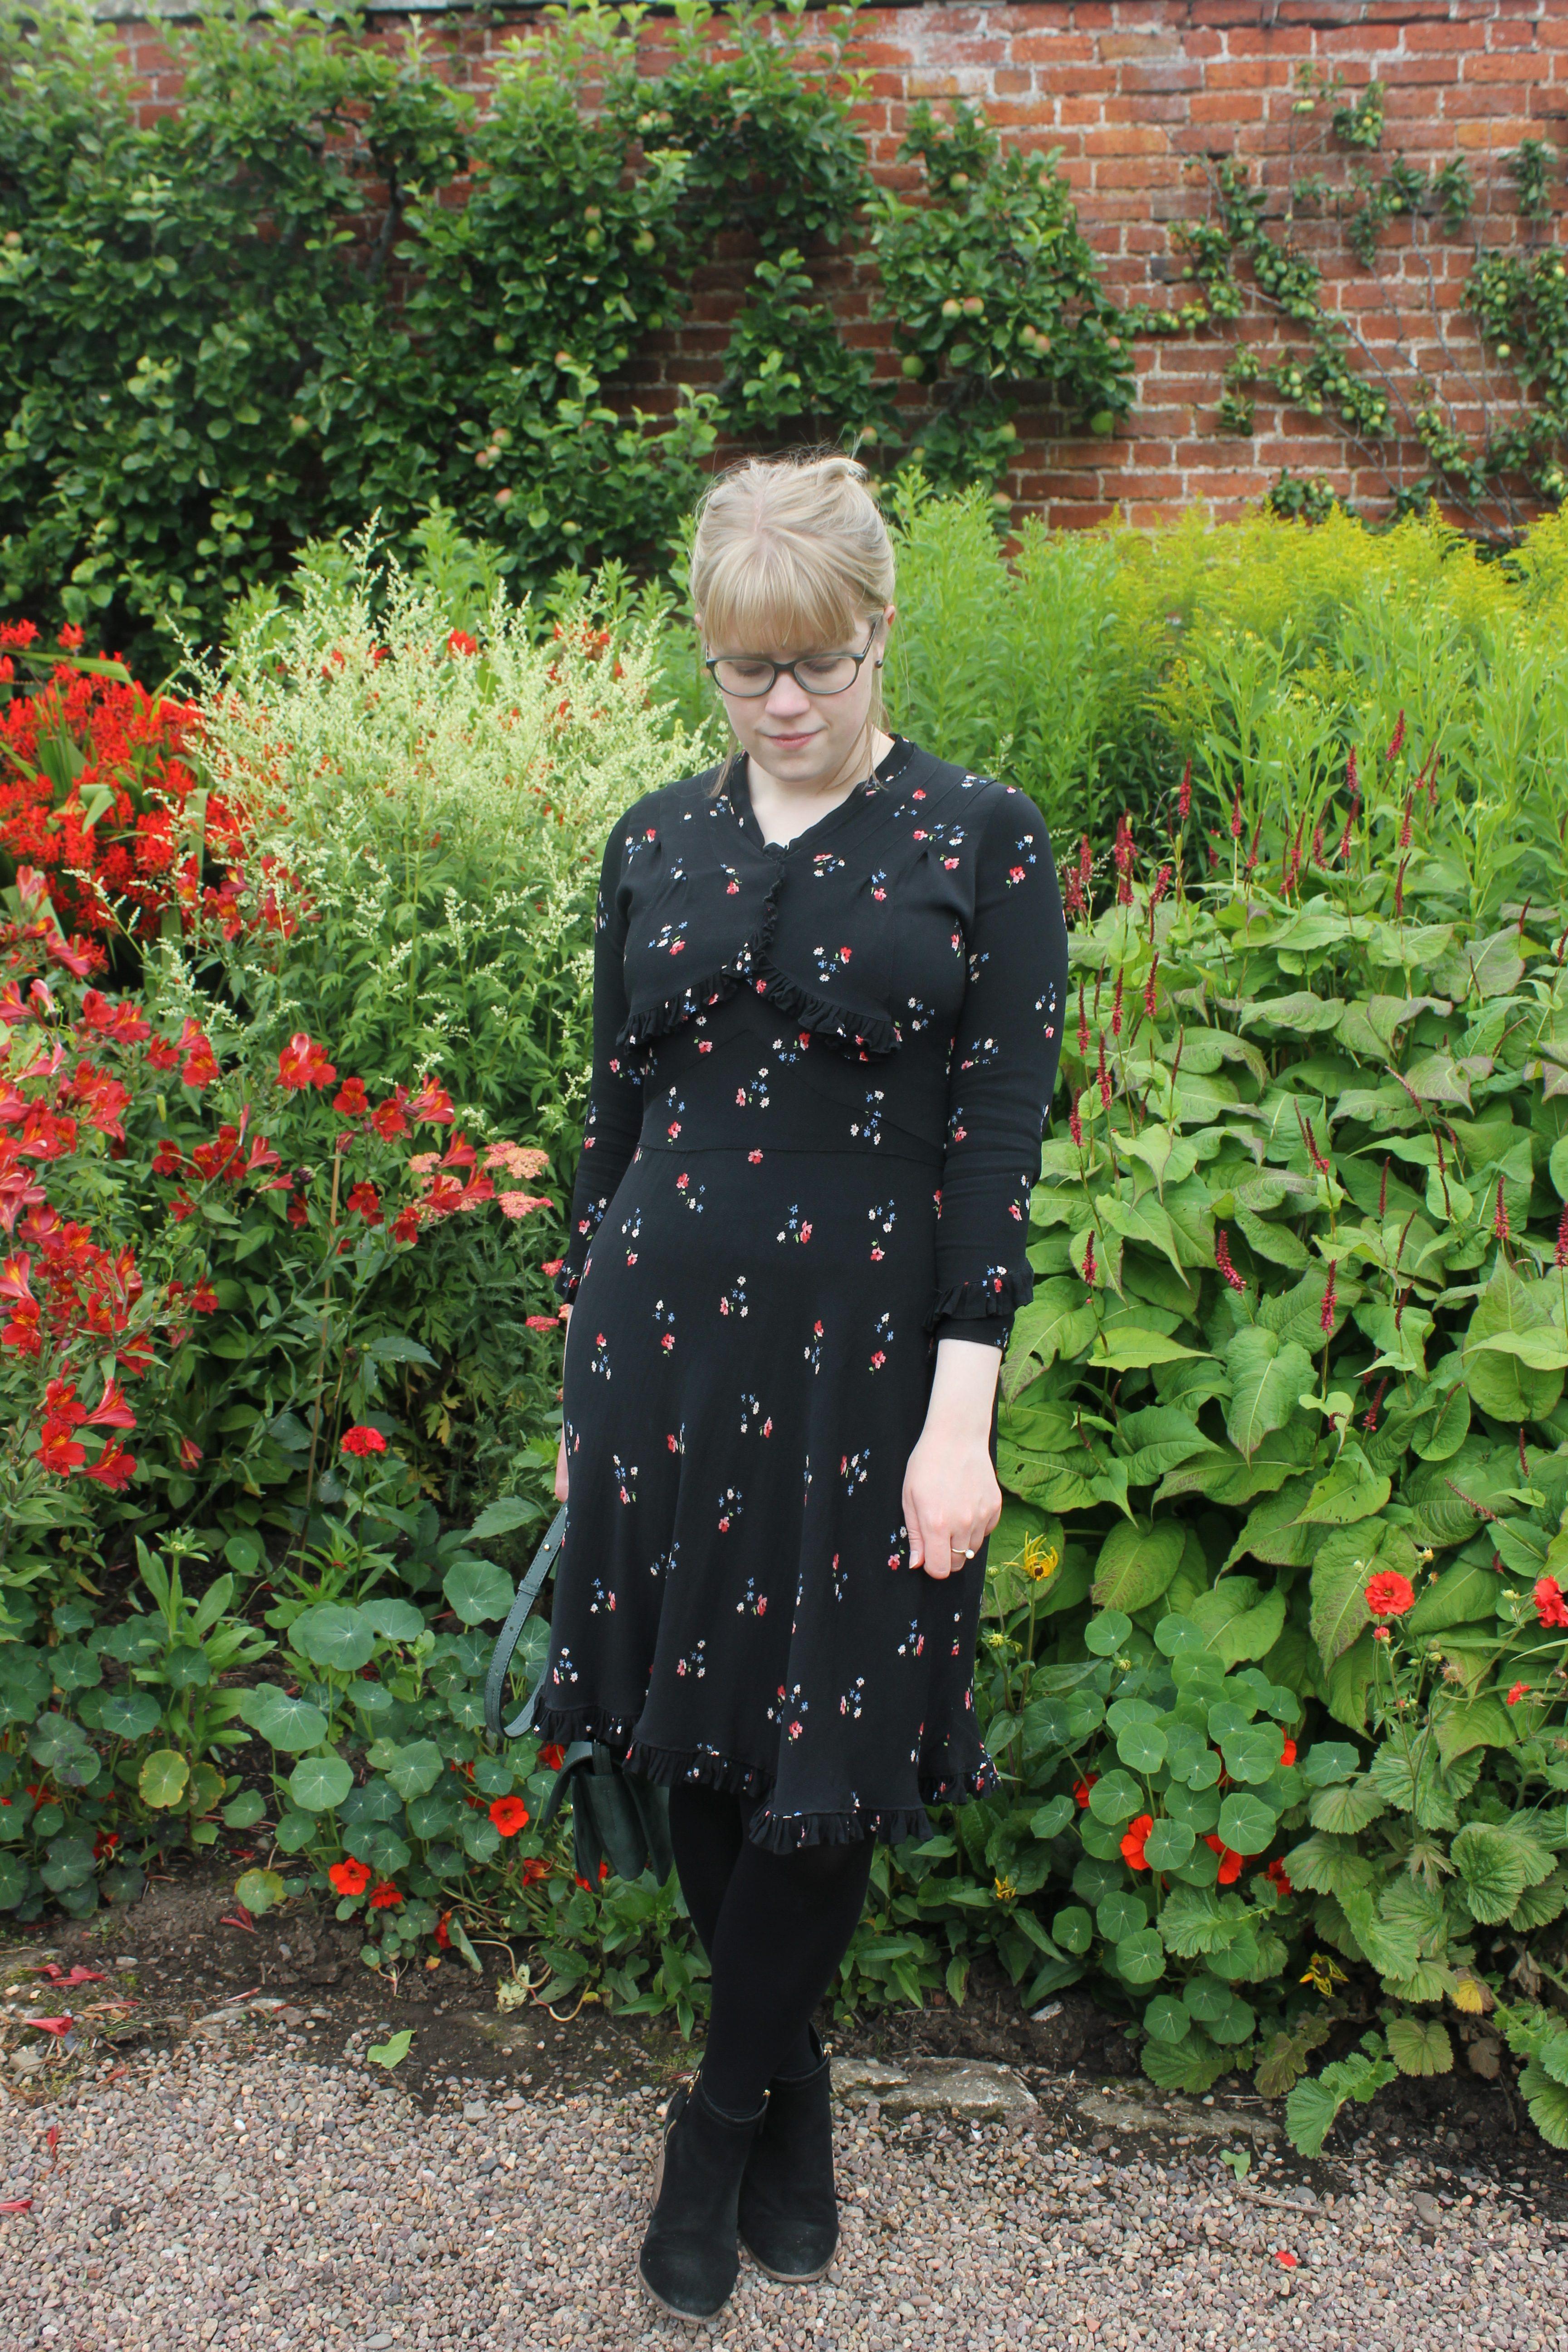 '40s floral dress